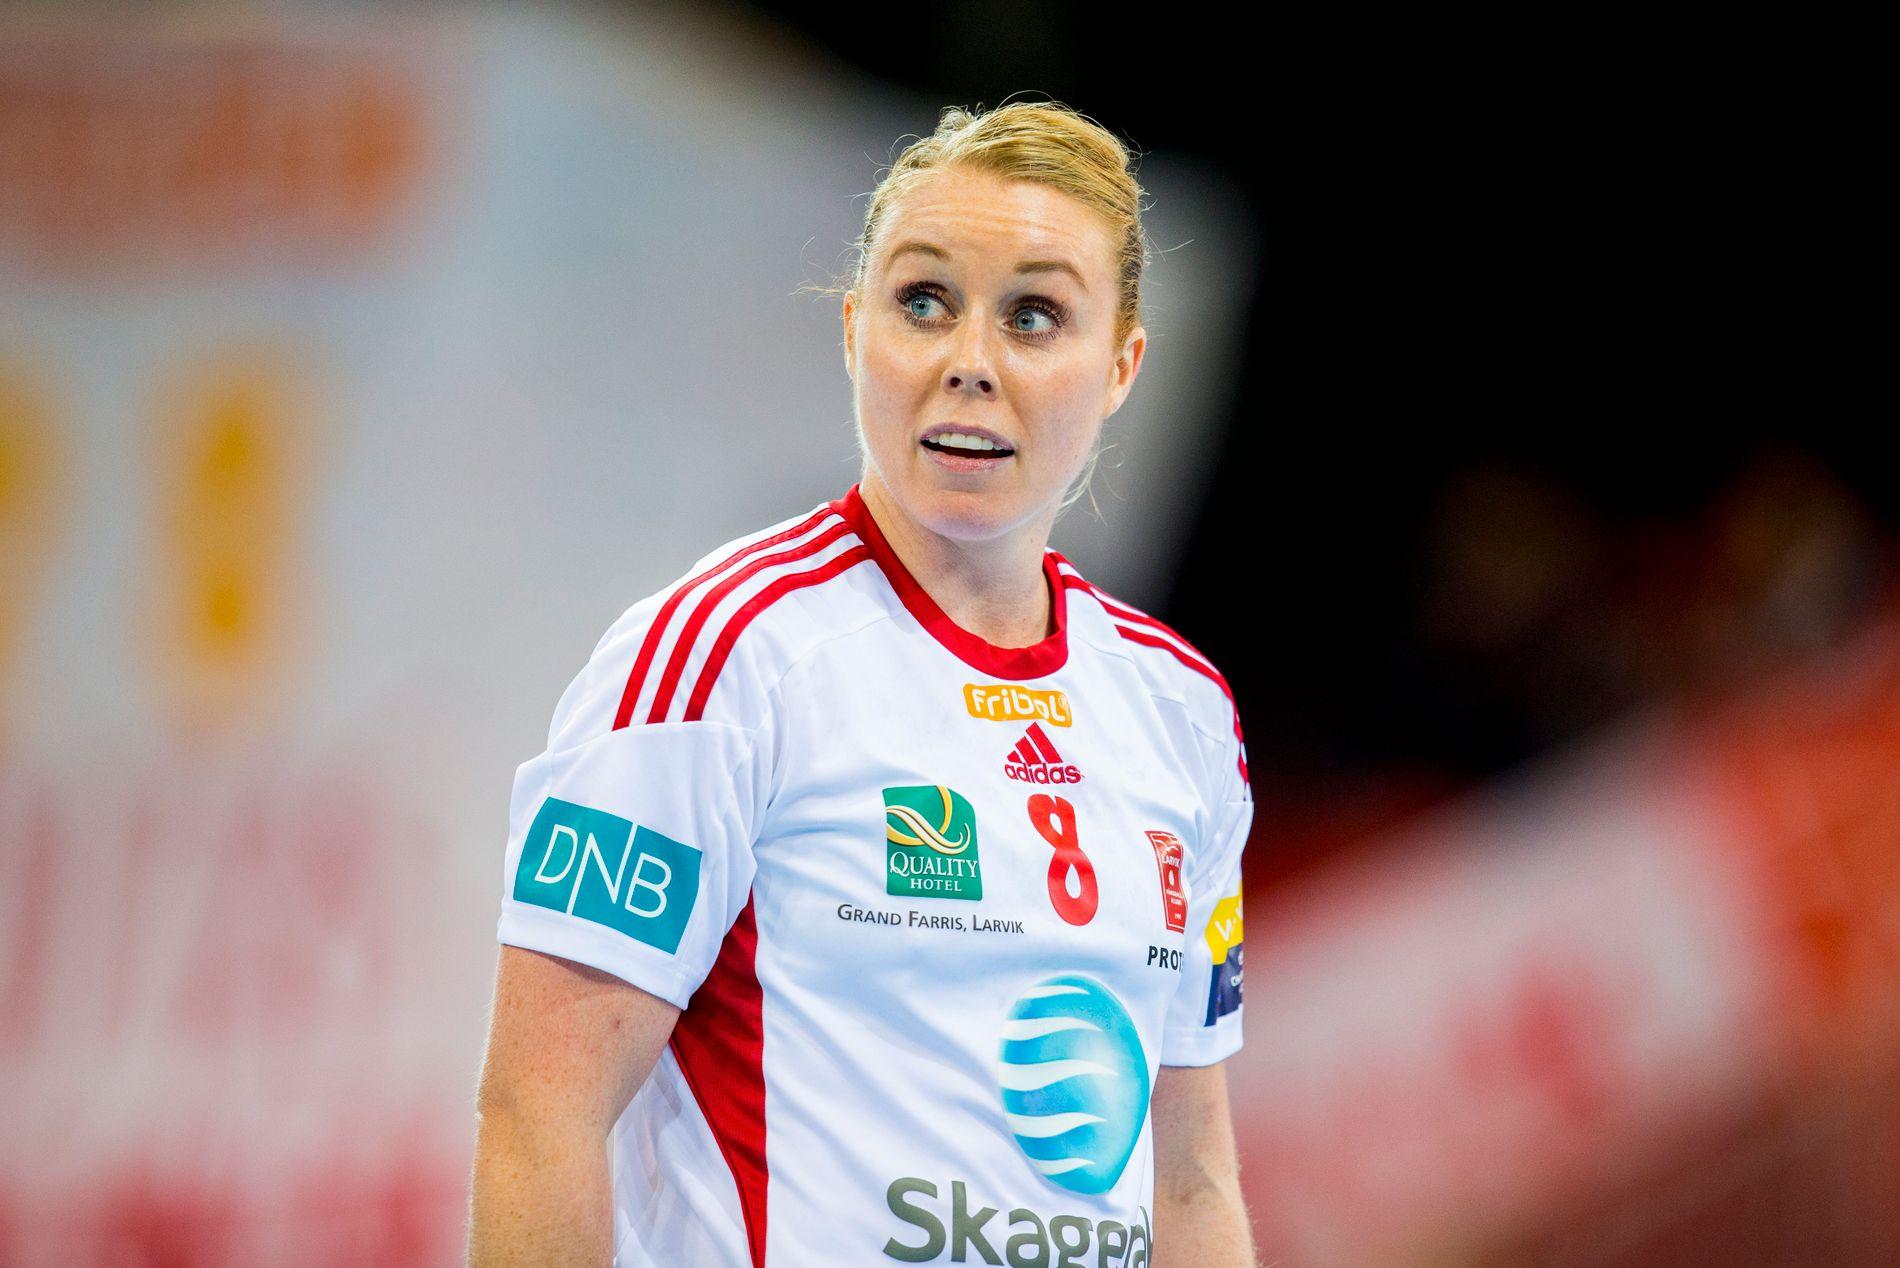 – VONDT Å SE PÅ: Karoline Dyhre Breivang savner en forsvarssjef.